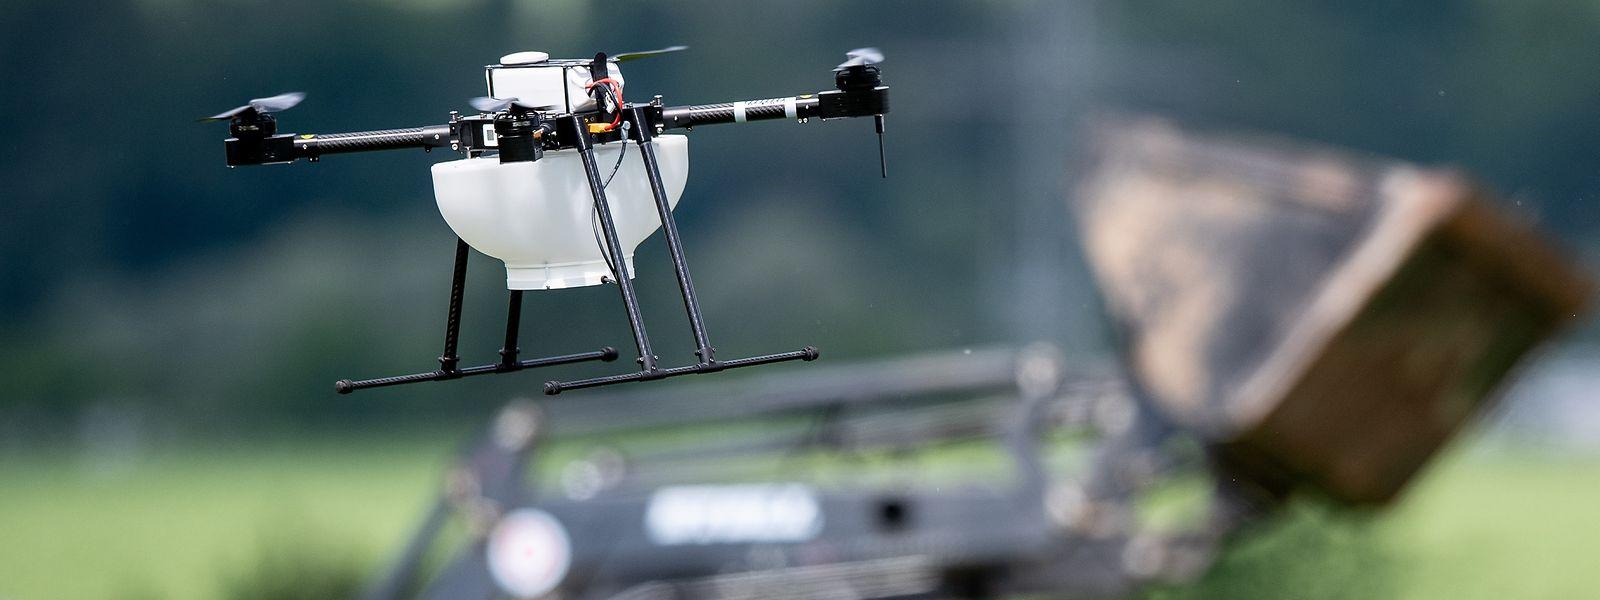 Der Einsatz von technischen Hilfsmitteln wie ferngesteuerte Drohnen zur Analyse oder Überwachung ist nur ein Mittel, wie ein Unternehmen die Arbeit digitalisieren kann.